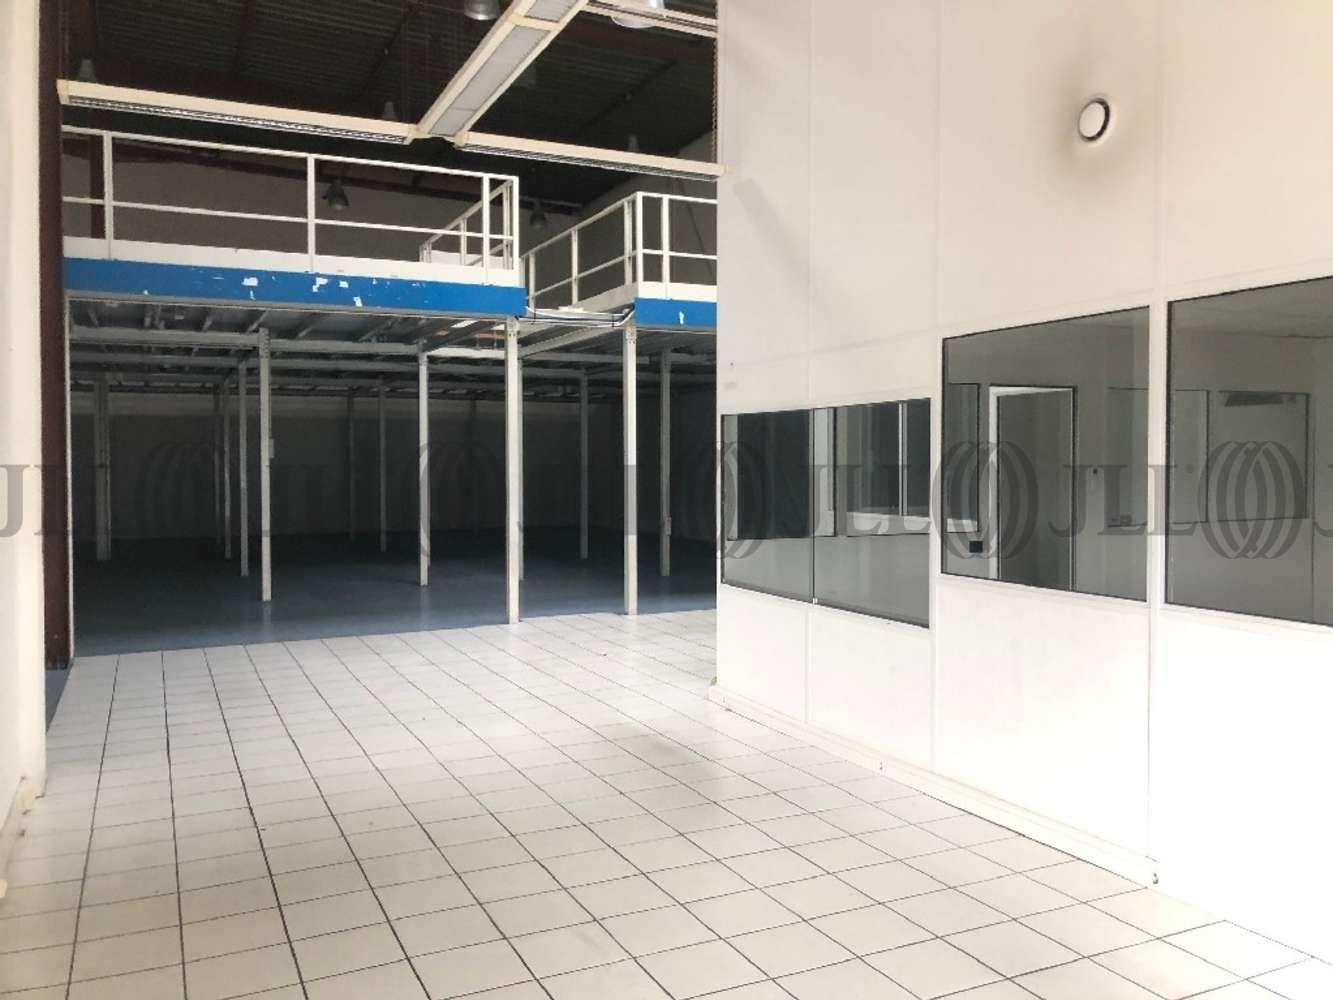 Activités/entrepôt Trappes, 78190 - IDF SUD / POLE DE TRAPPES ELANCOURT